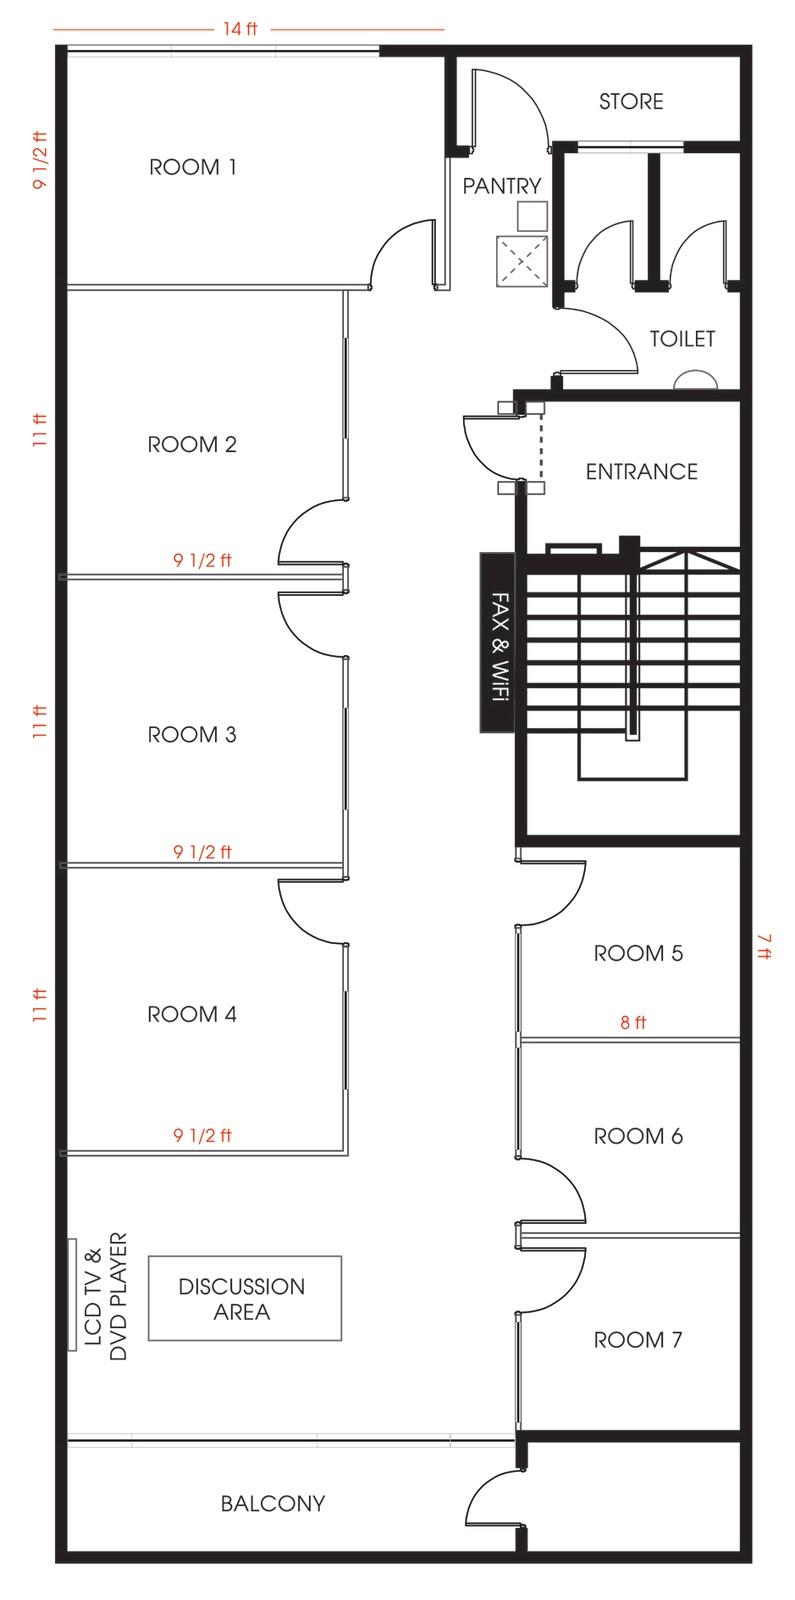 Room Design Floor Plan: GB Studio Office: Floor Plan